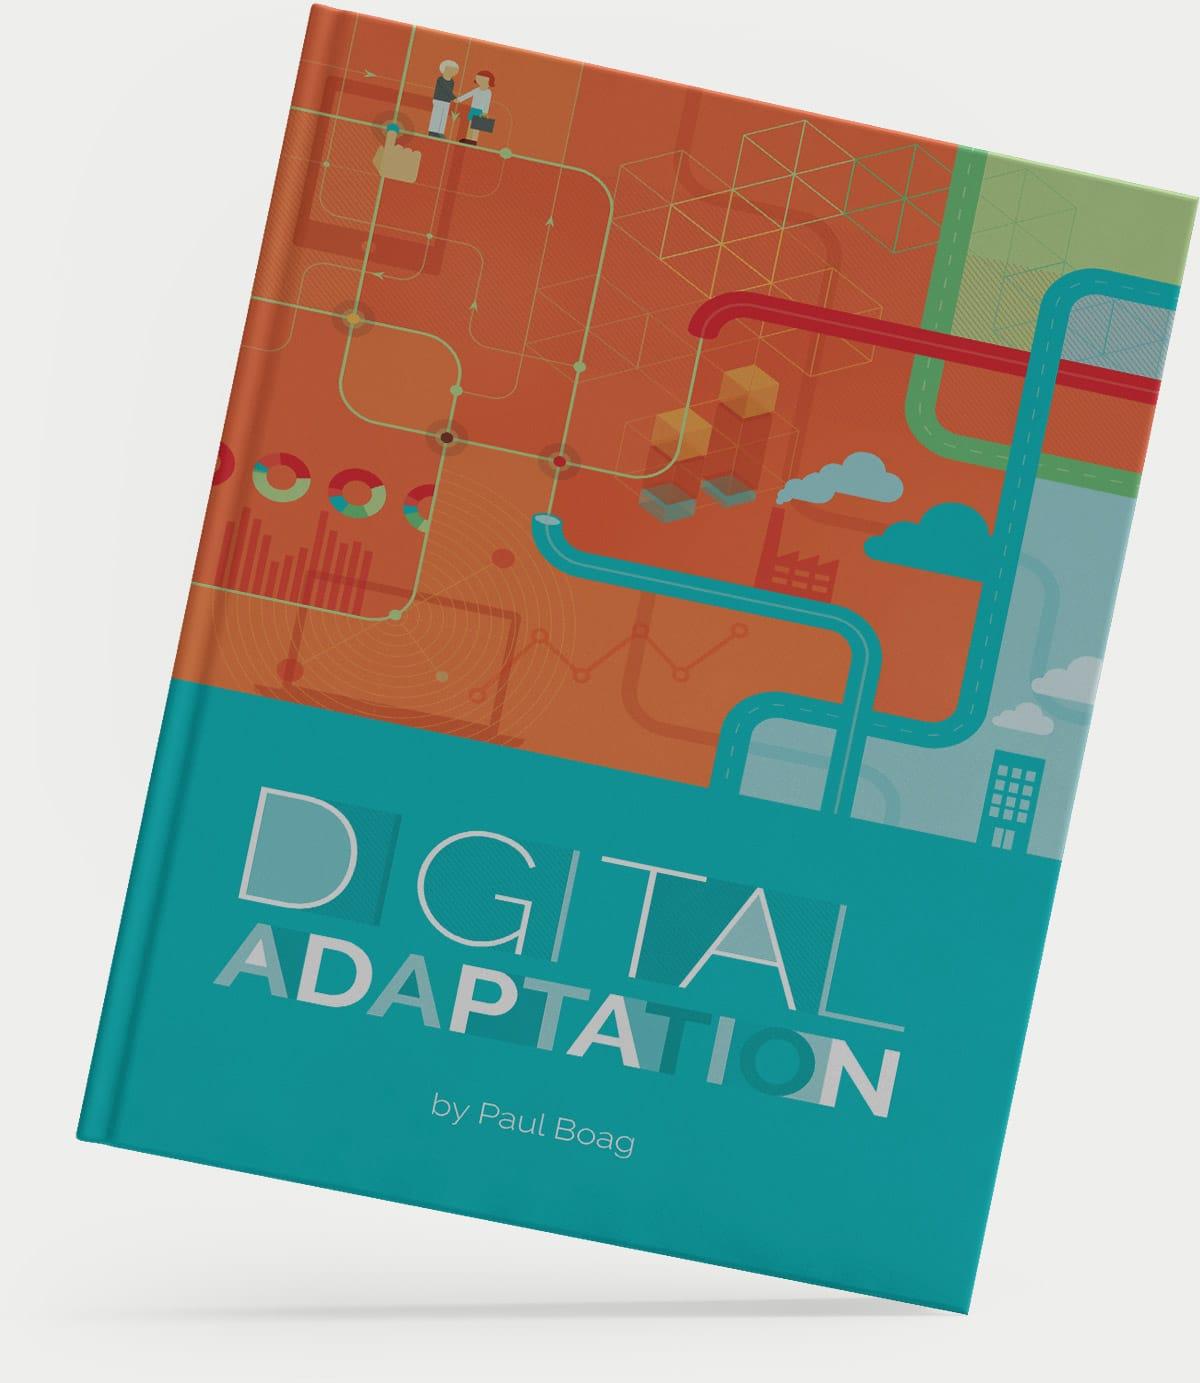 Digital Adaptation